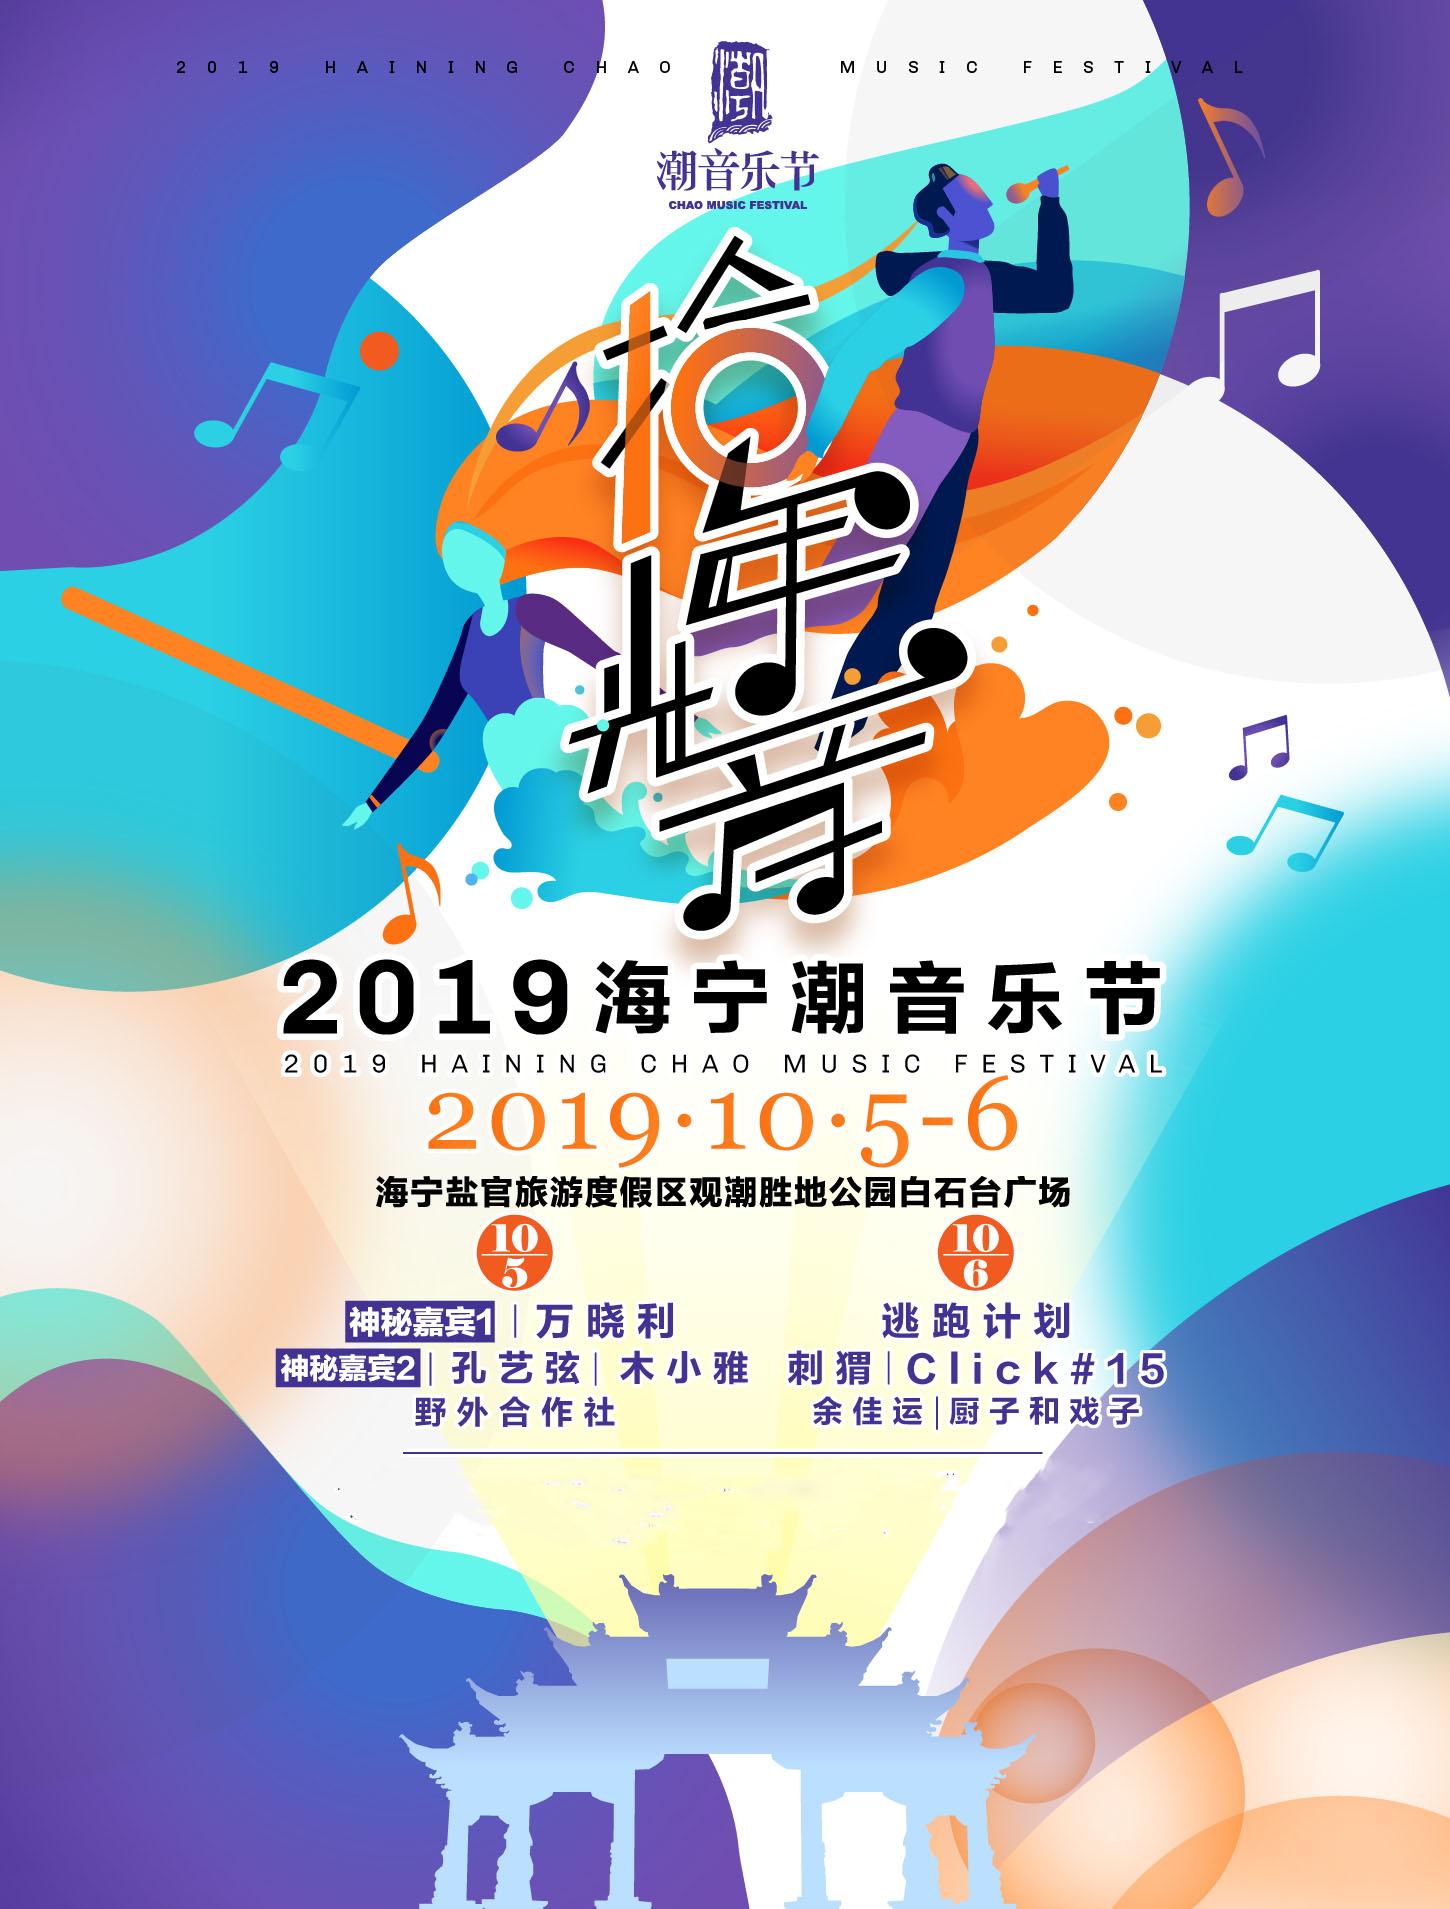 2019海宁潮音乐节 嘉兴站